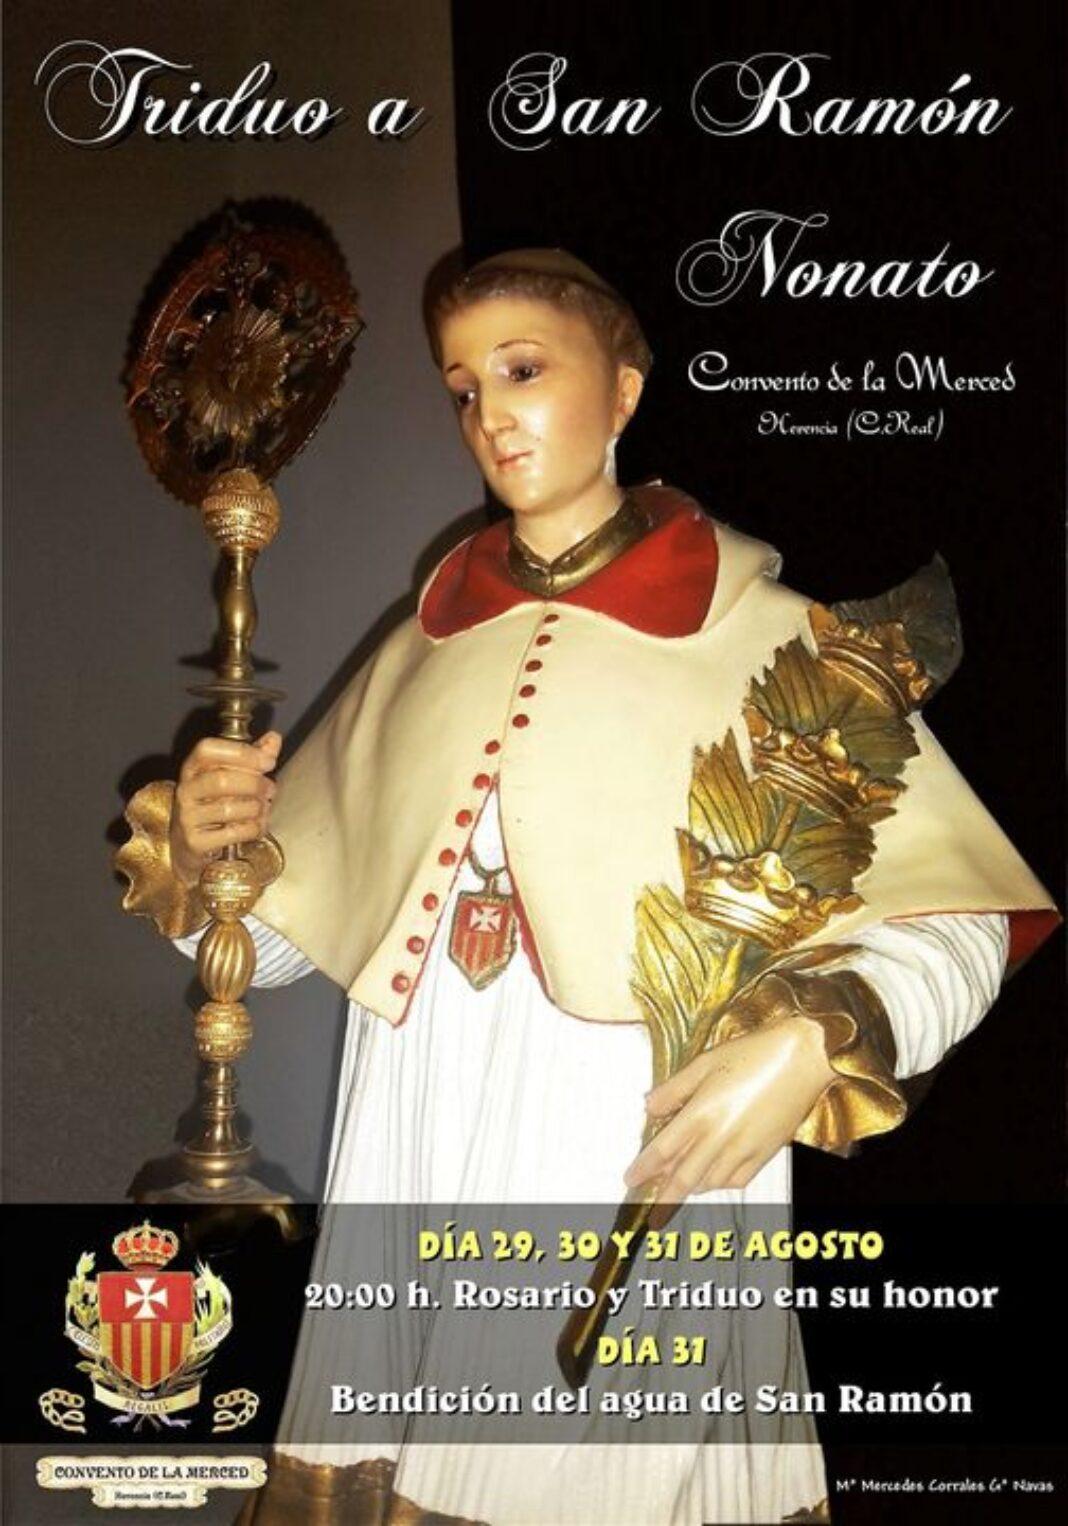 Triduo a San Ramón Nonato en el convento de La Merced 1